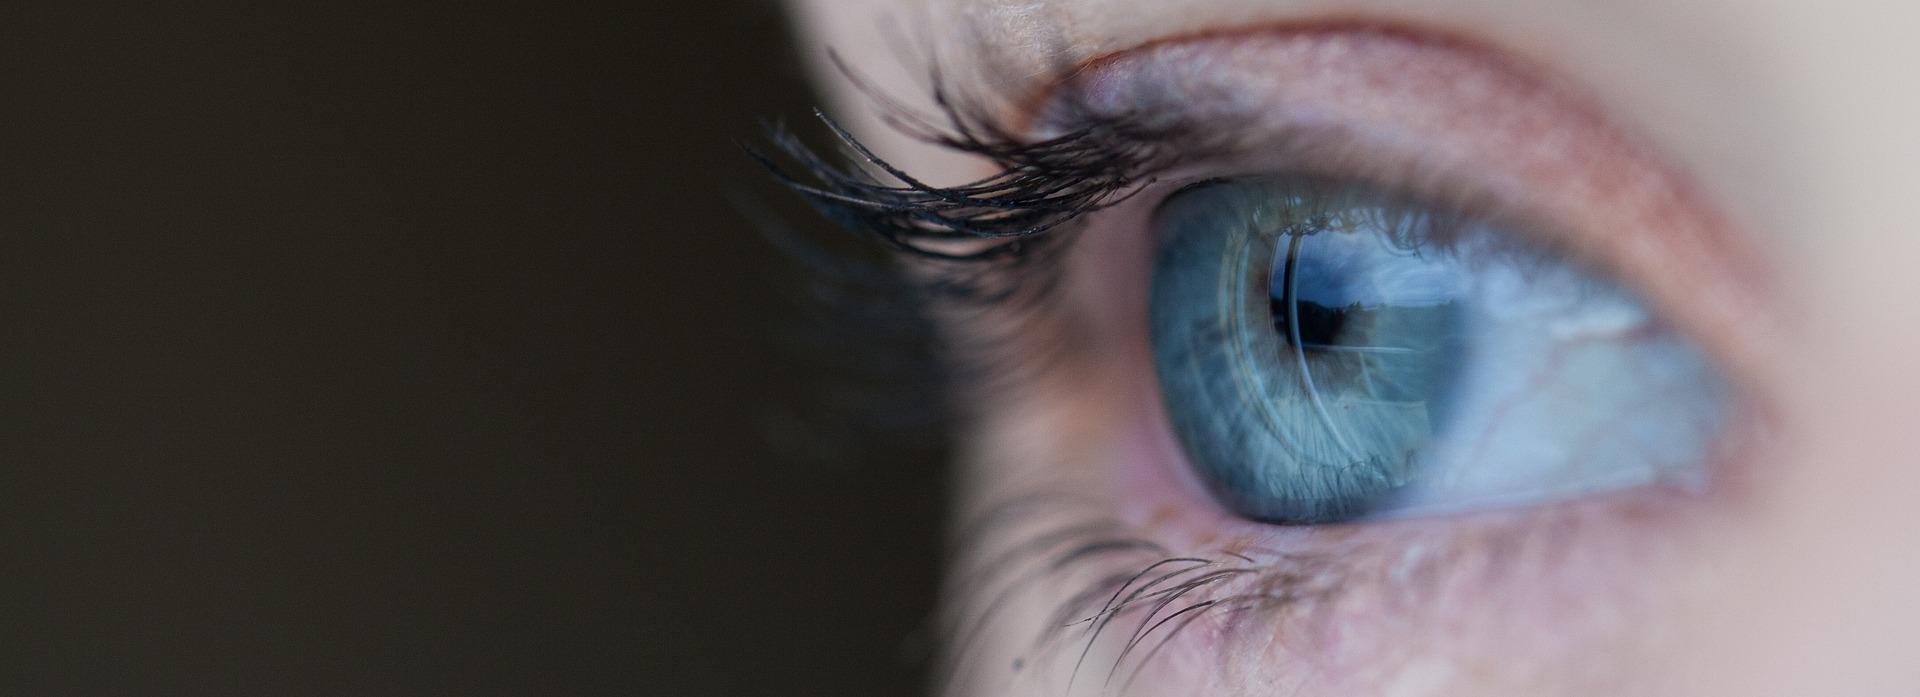 Tajemství kruhového očního svalu